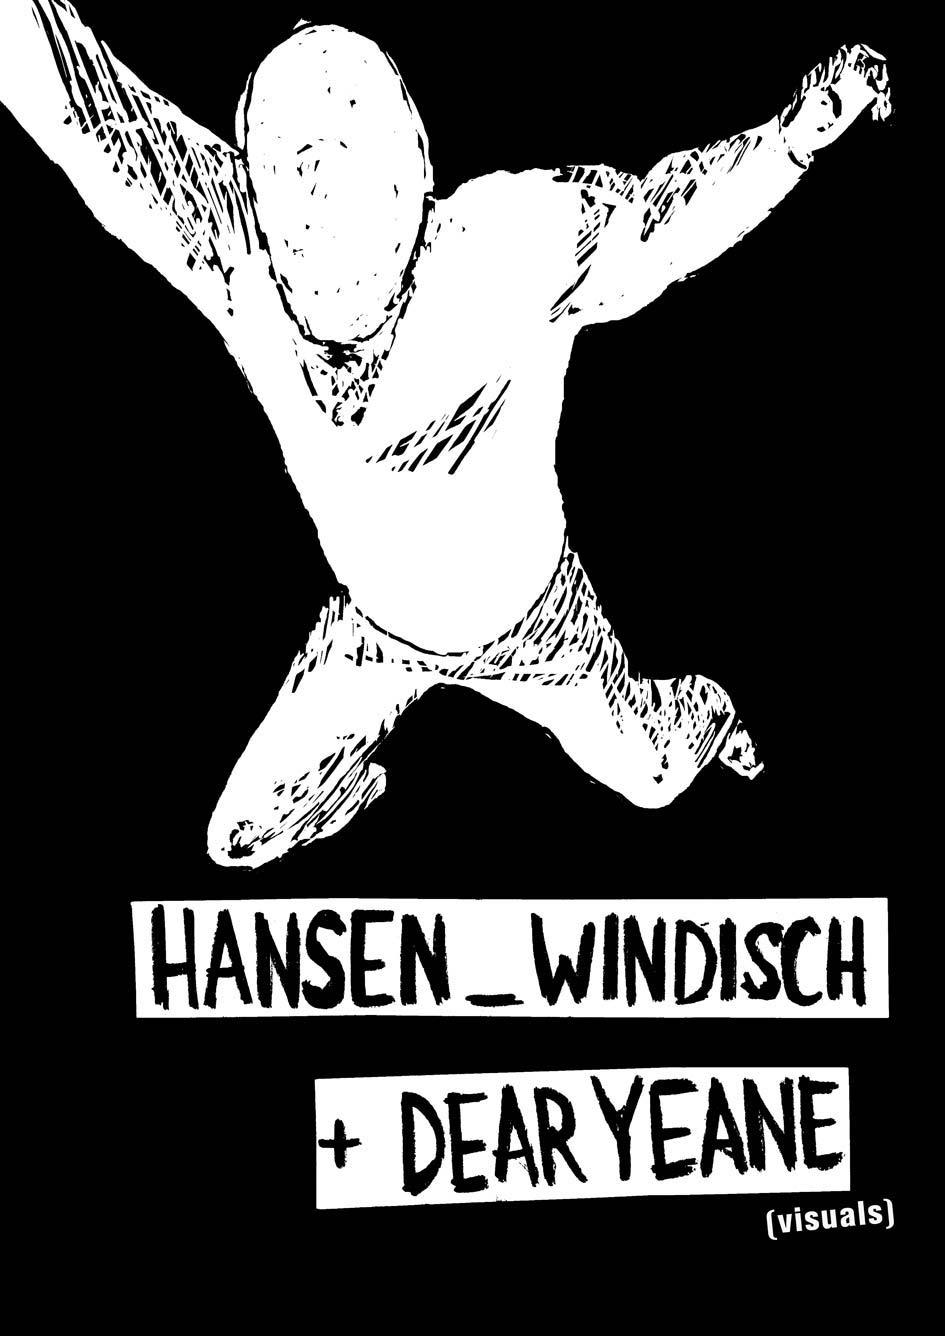 hansenwindisch